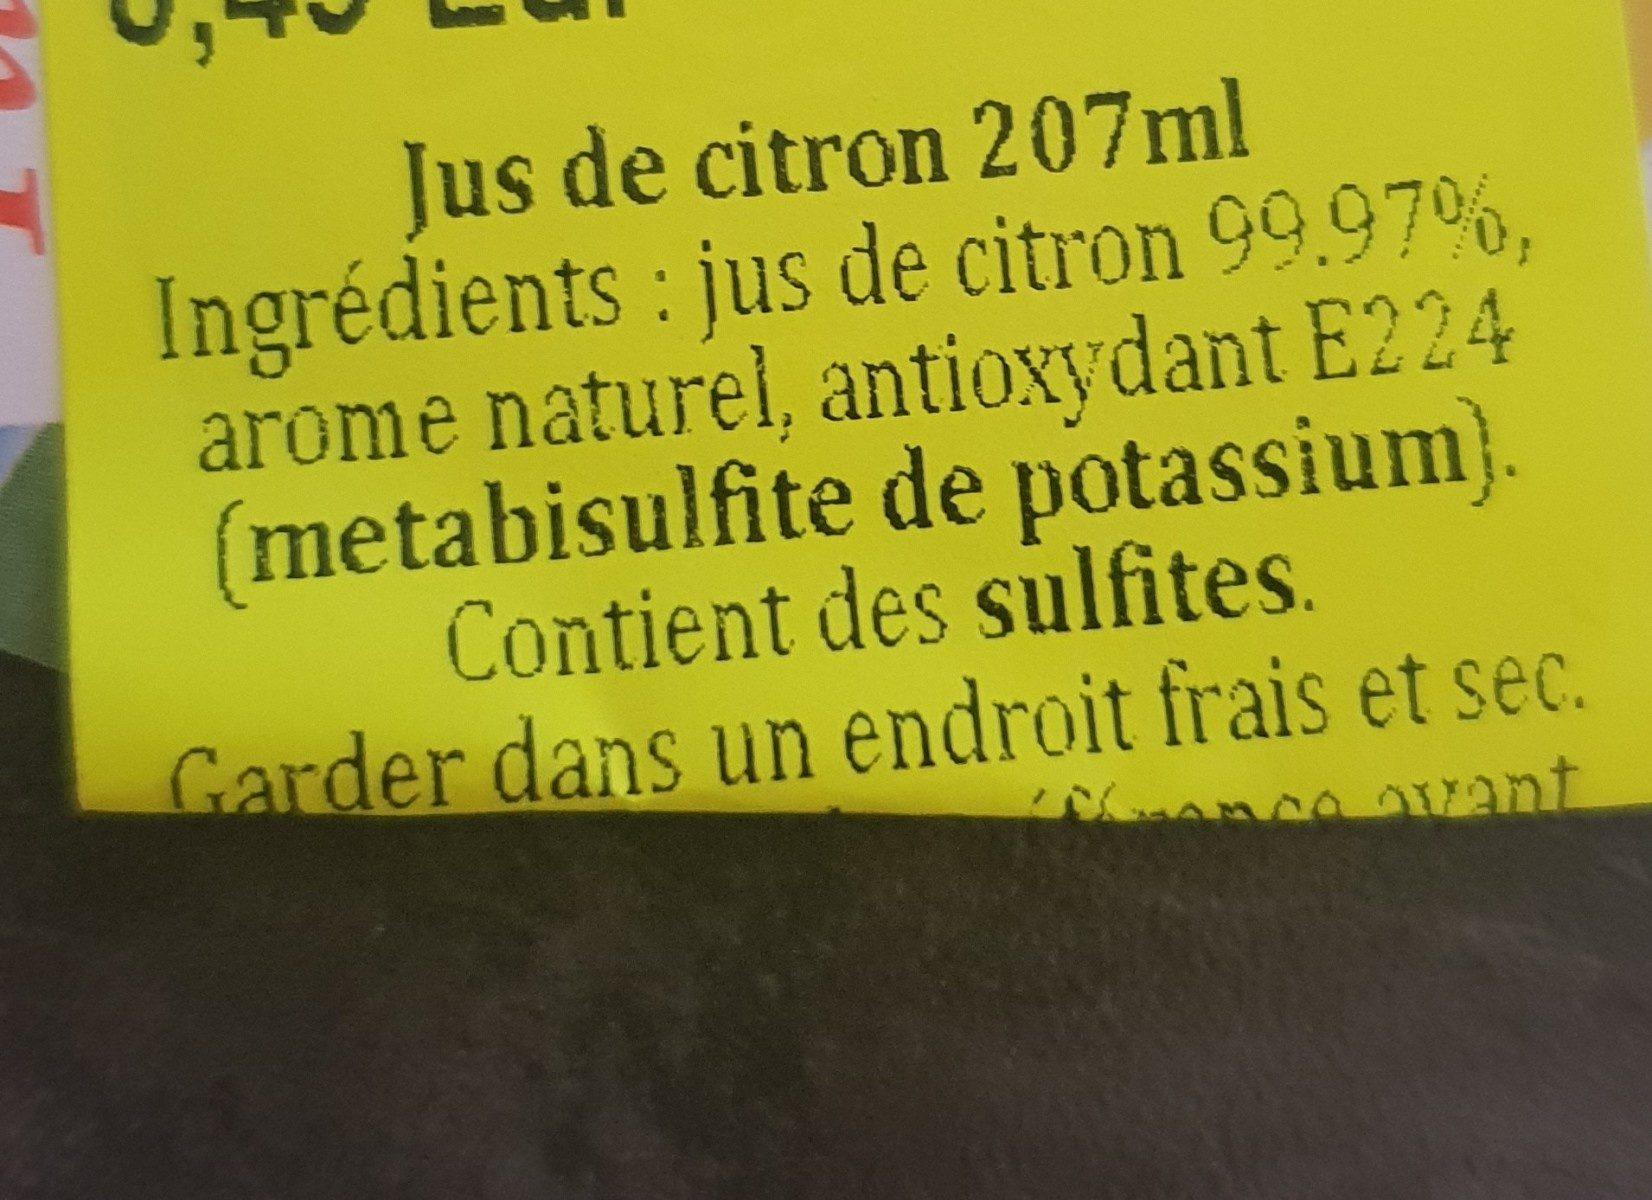 jus de citron - Ingrédients